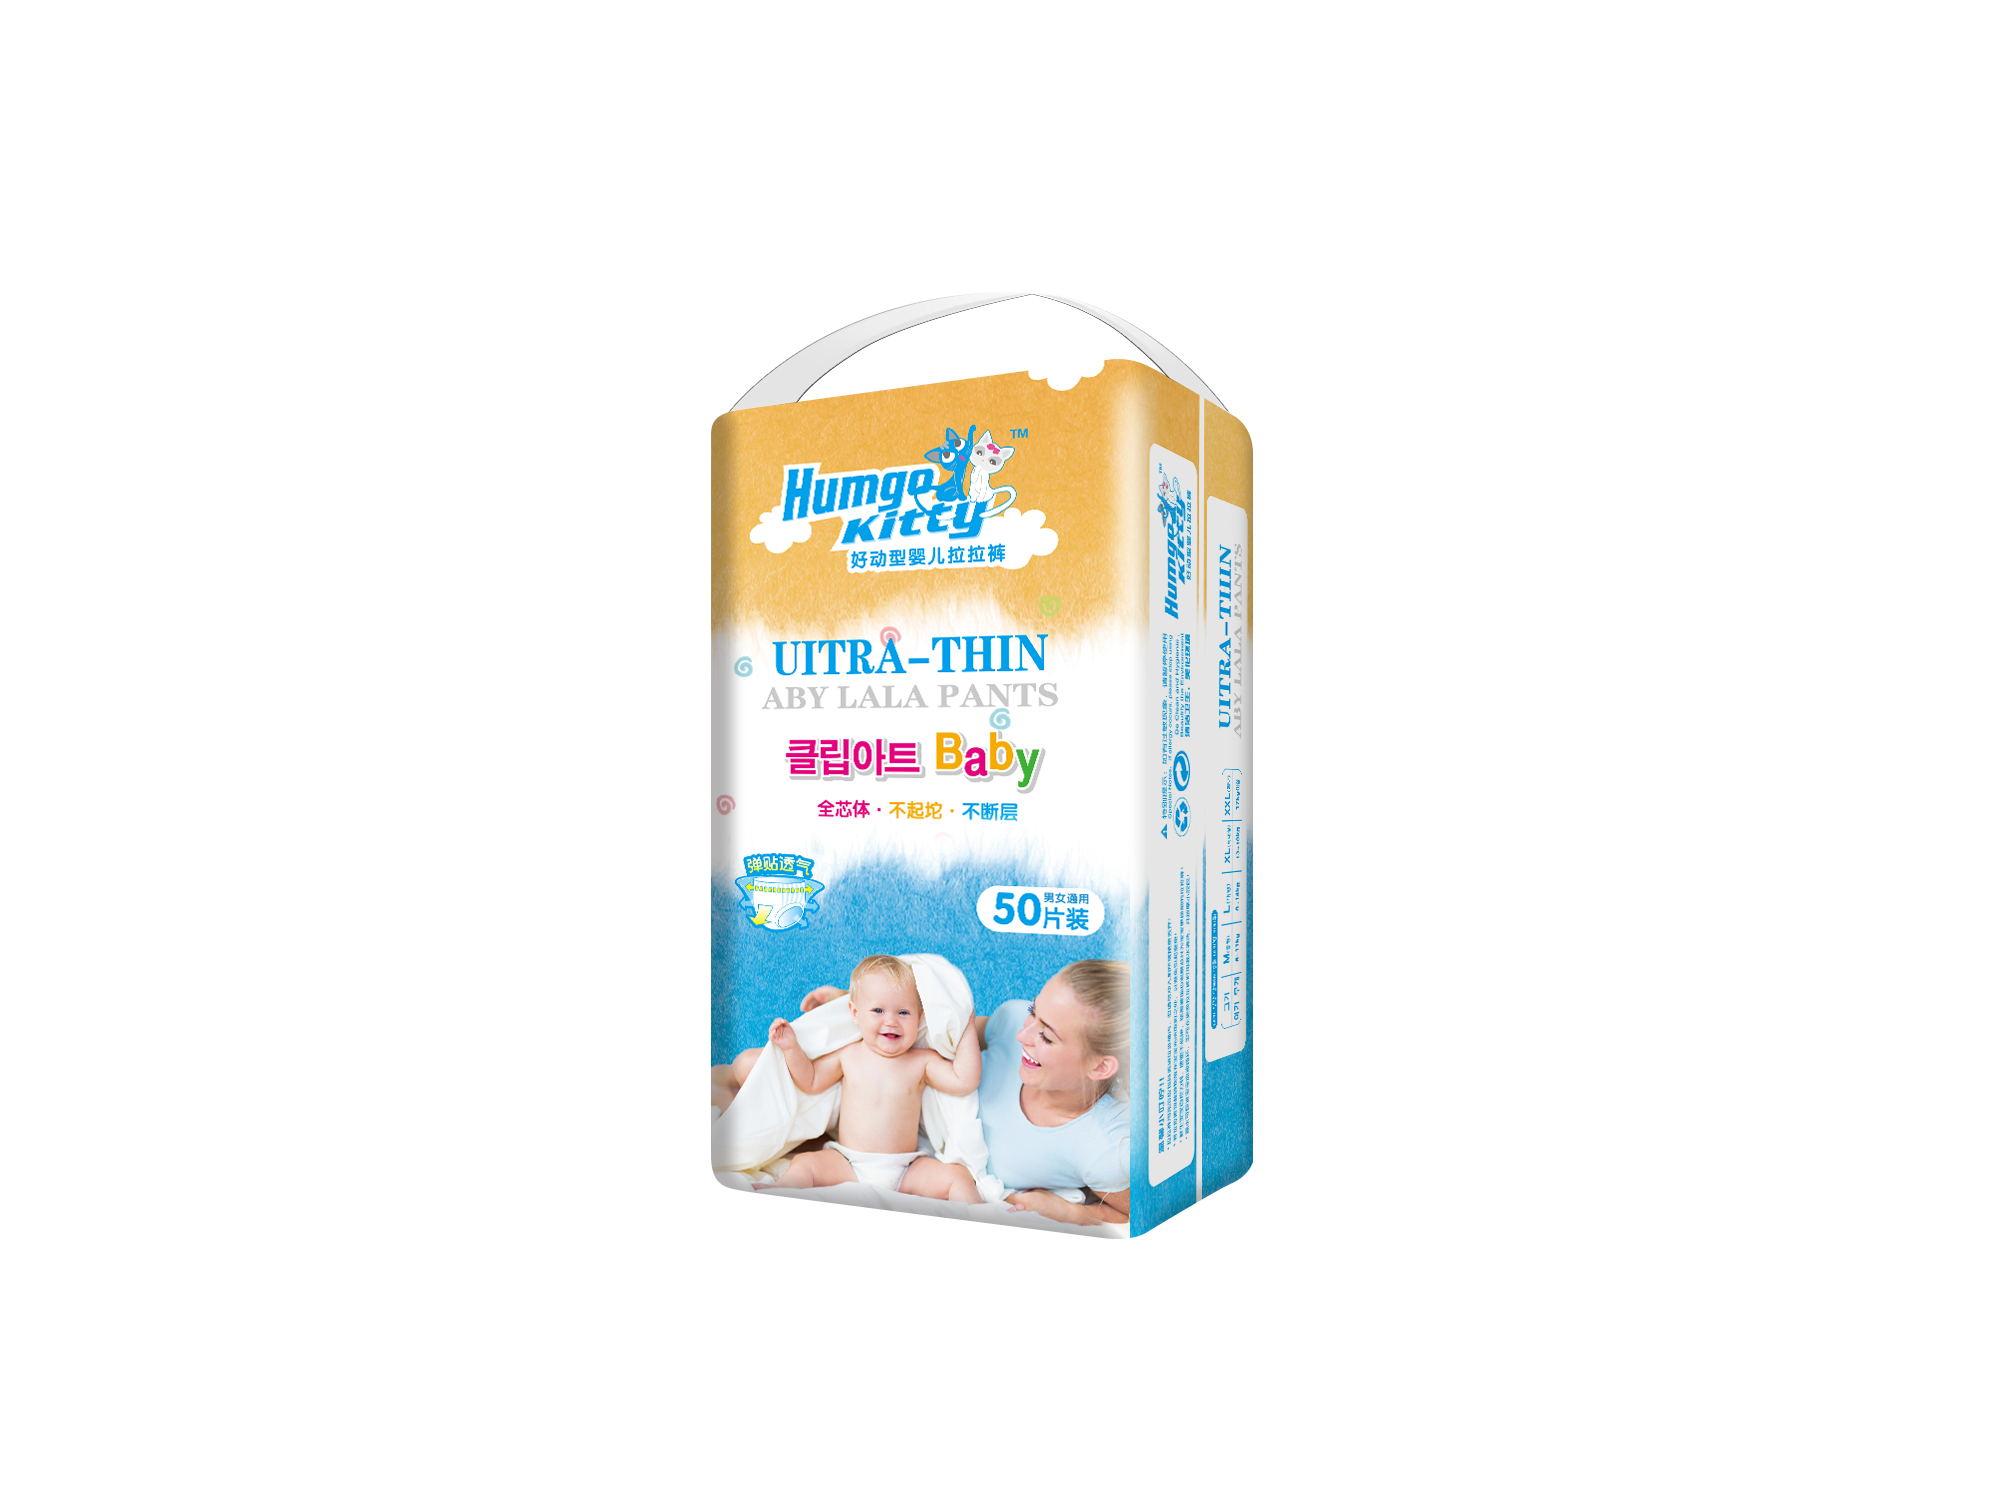 微商韩购猫纸尿裤_福建声誉好的纸尿裤供应商是哪家